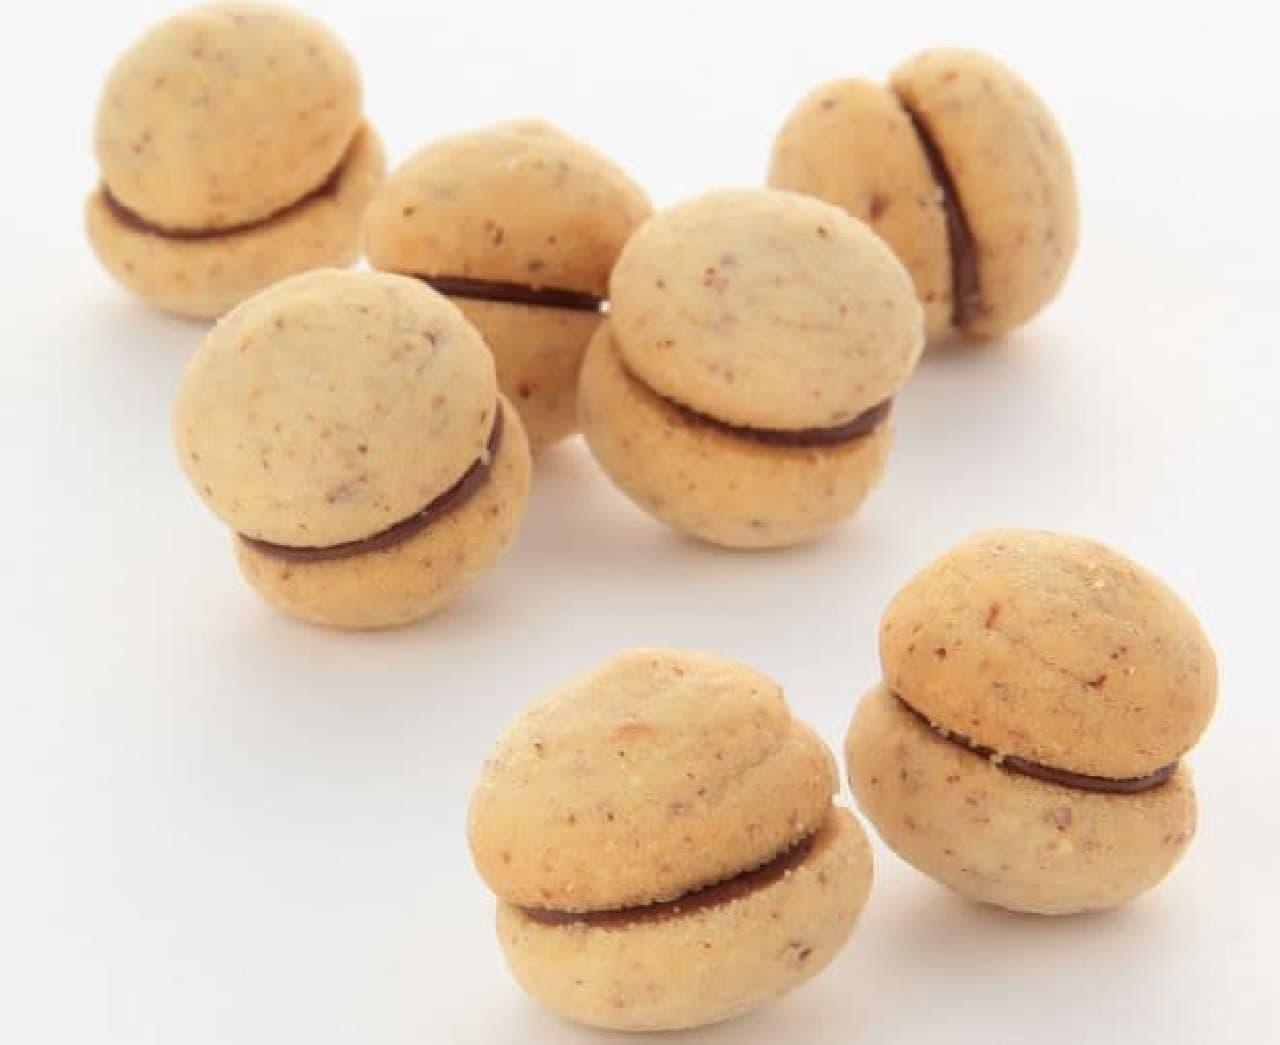 「バーチ・ディ・ダーマ」は貴婦人のキスという意味のイタリアの菓子